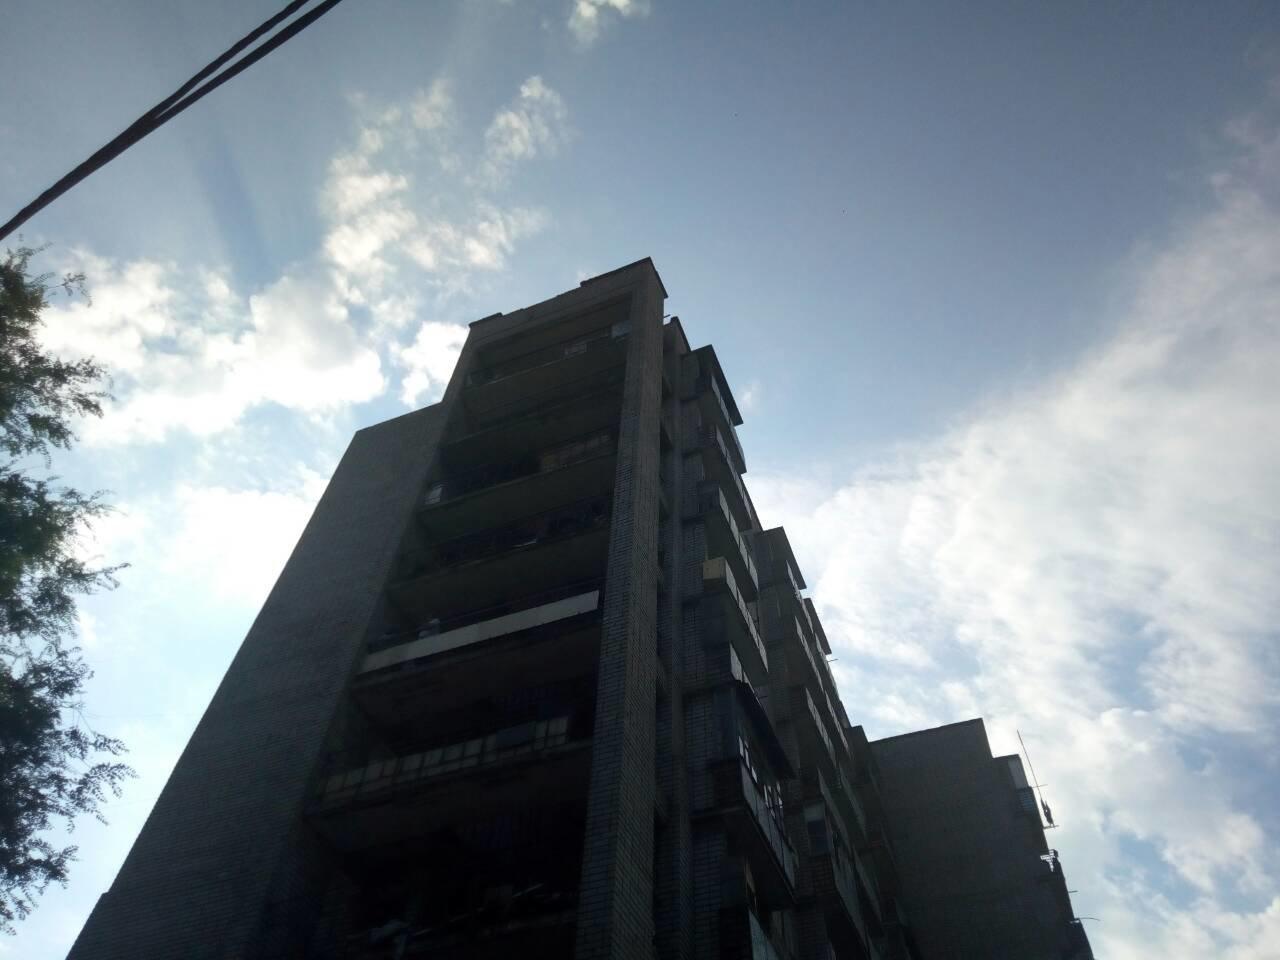 Неразделенная любовь: 23-летний каменчанин собирался прыгнуть с 9 этажа, фото-1